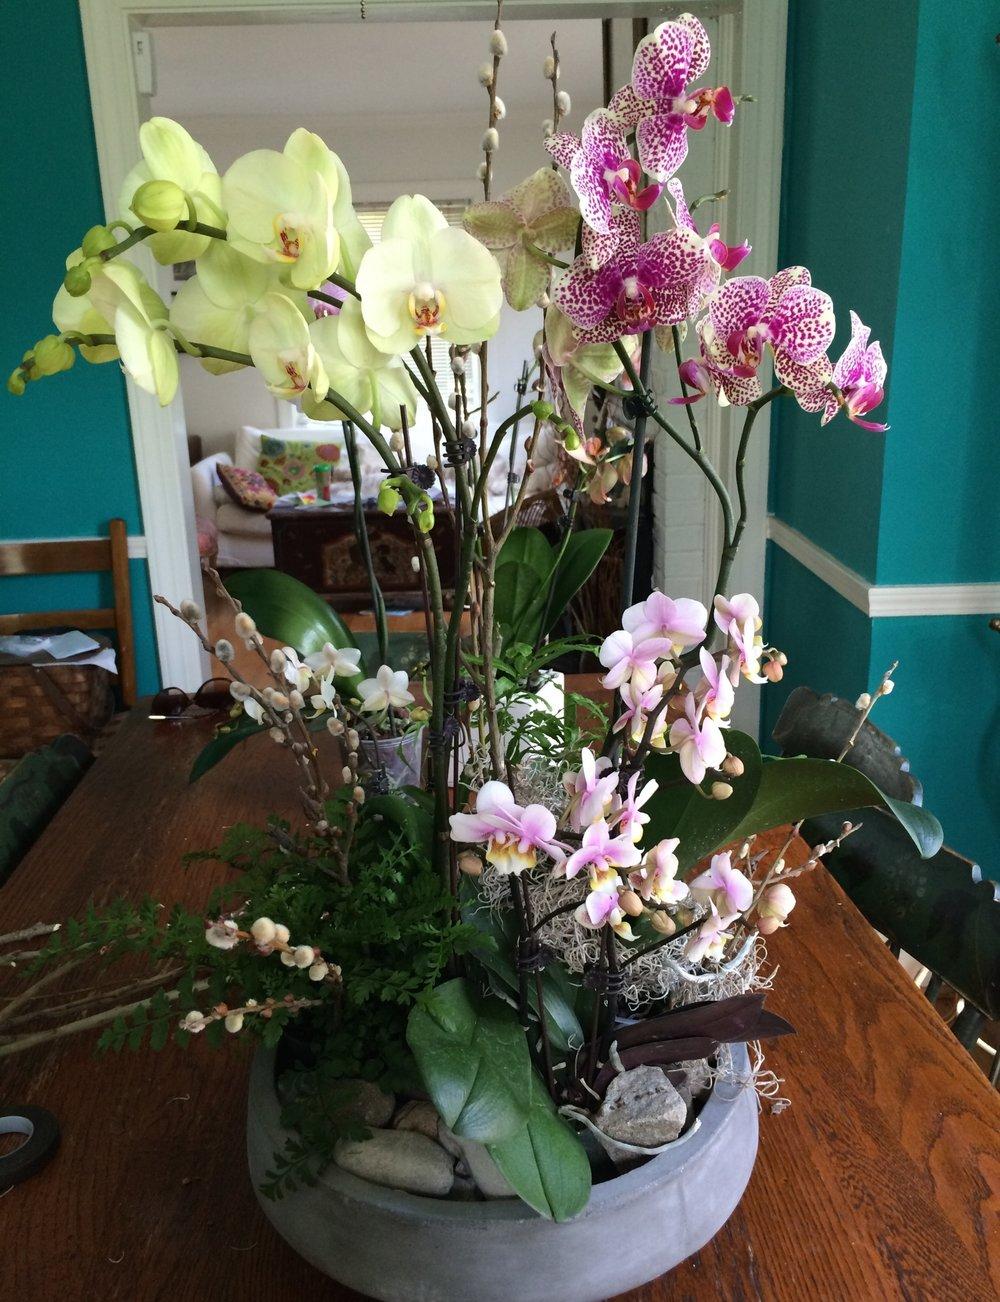 Flowers_Gift_Plant.jpg